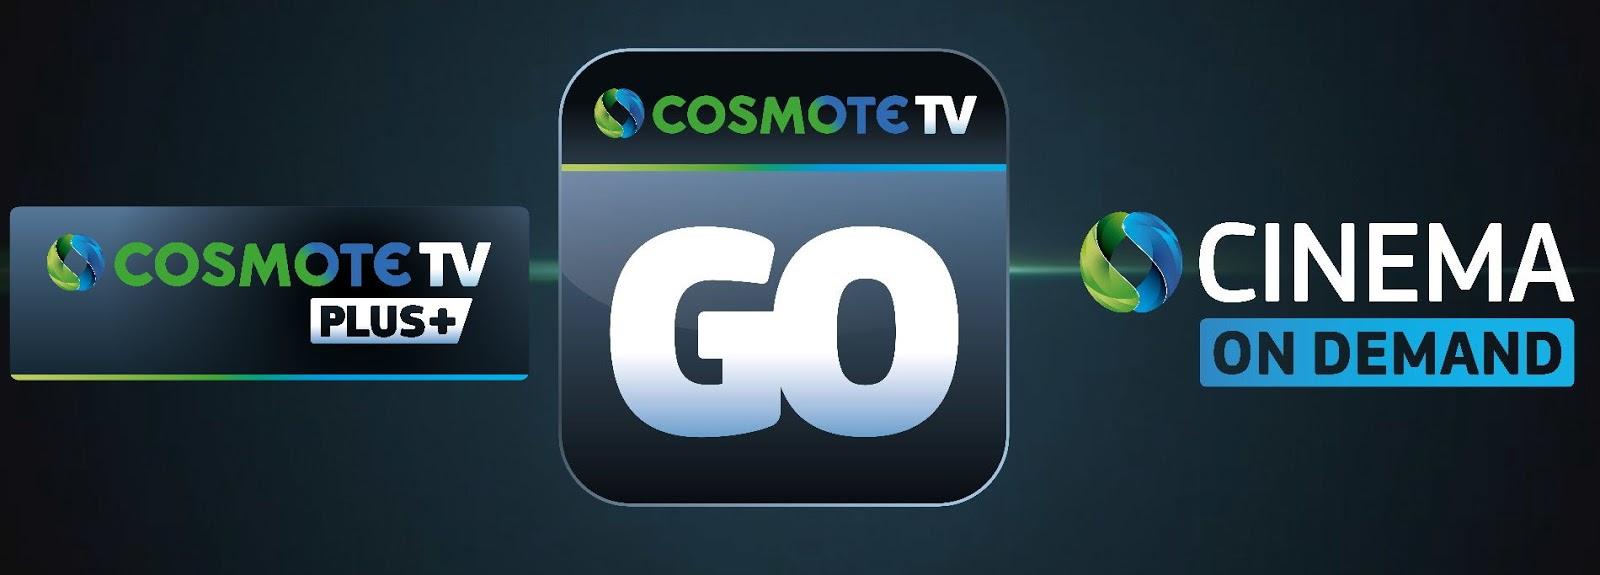 Ποδοσφαιρικές μάχες από τα κορυφαία ευρωπαϊκά πρωταθλήματα αποκλειστικά στην COSMOTE TV